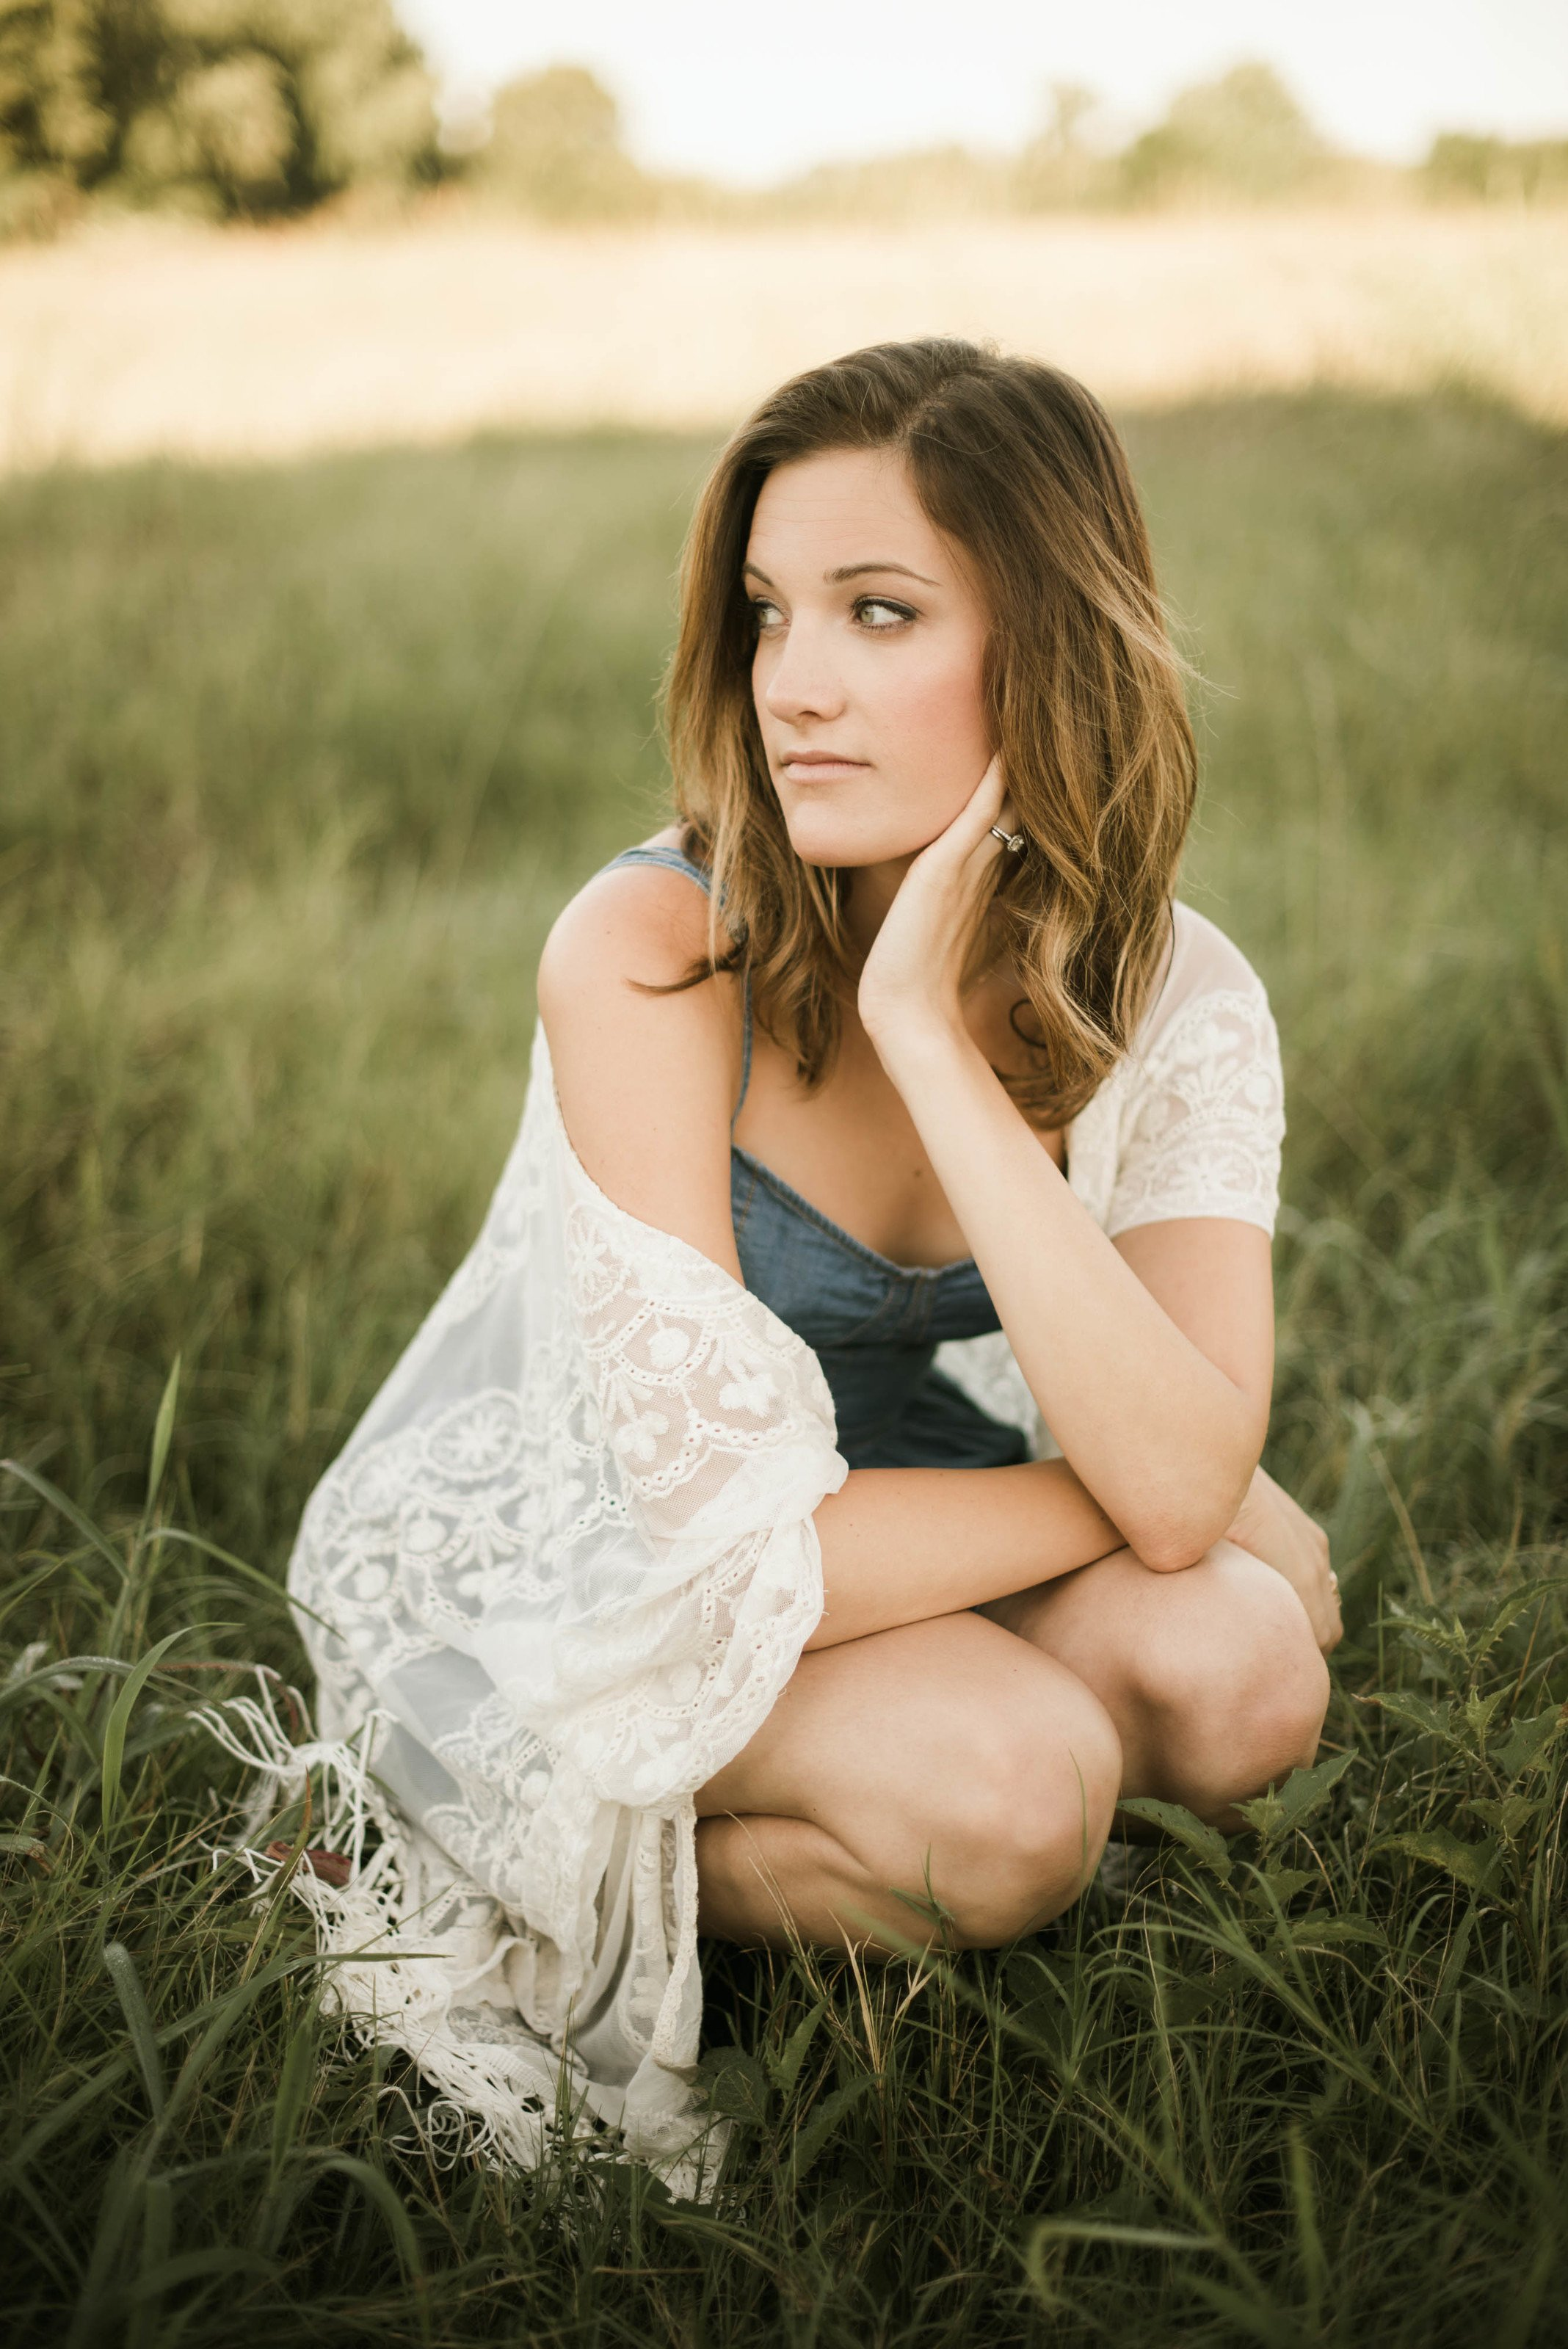 Sarah Miles Nude Photos 55